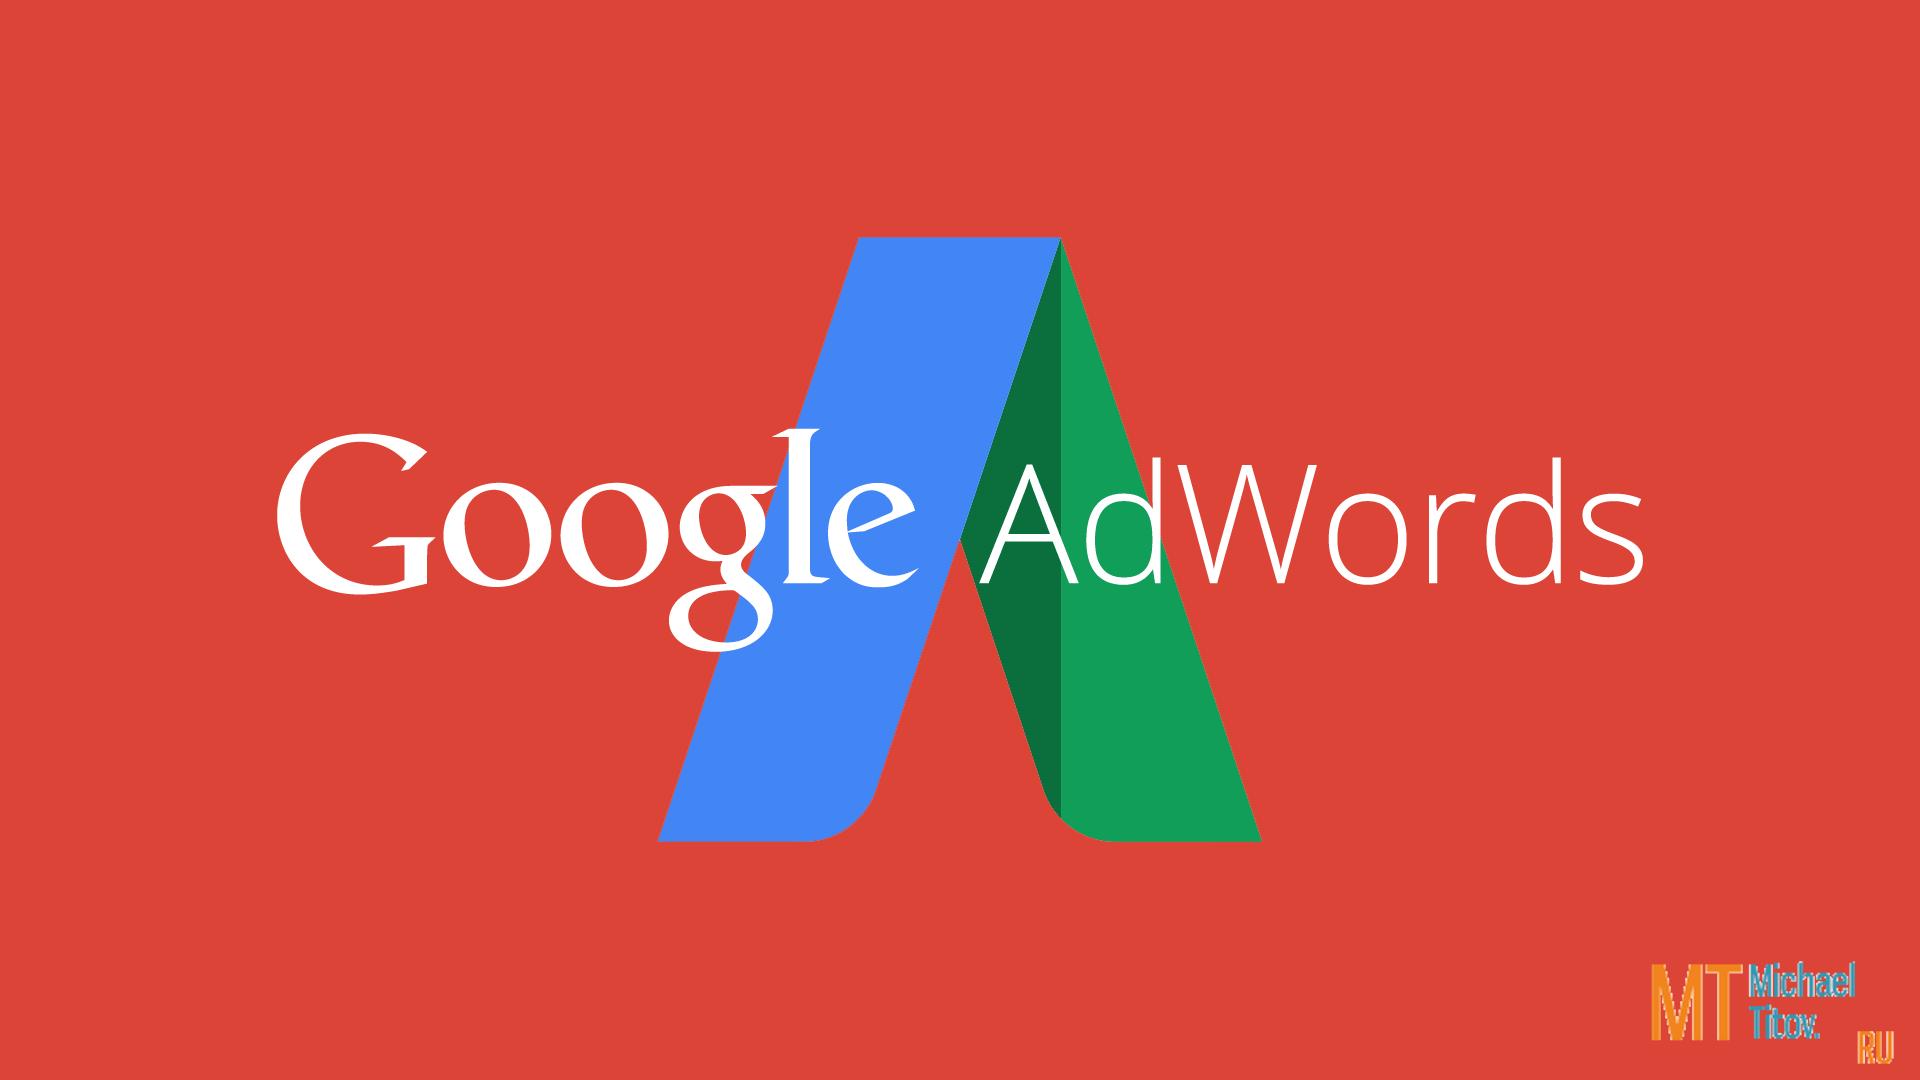 Использование Google Adwords для привлечения чётко ориентированного трафика